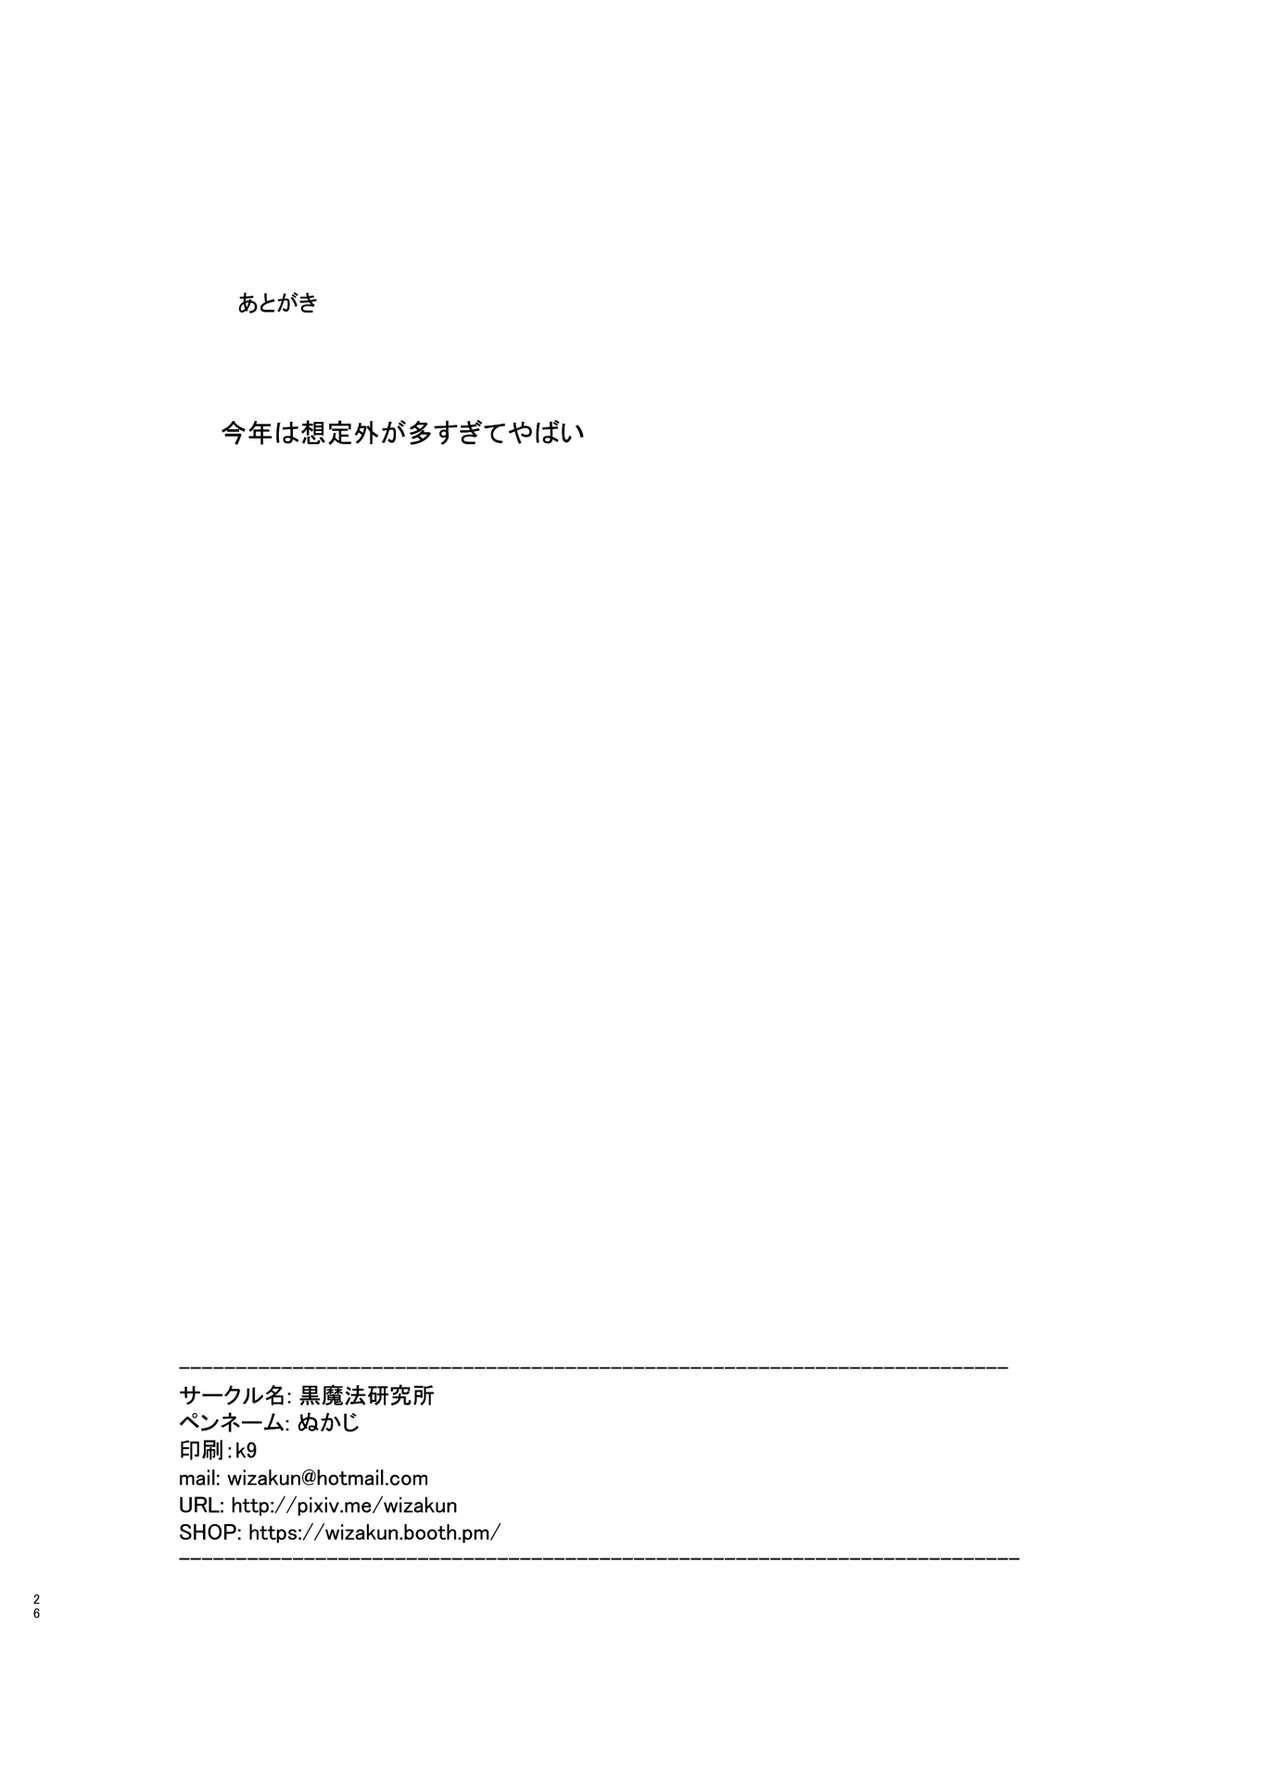 Mesugaki Succubus o Wakaraseru 25